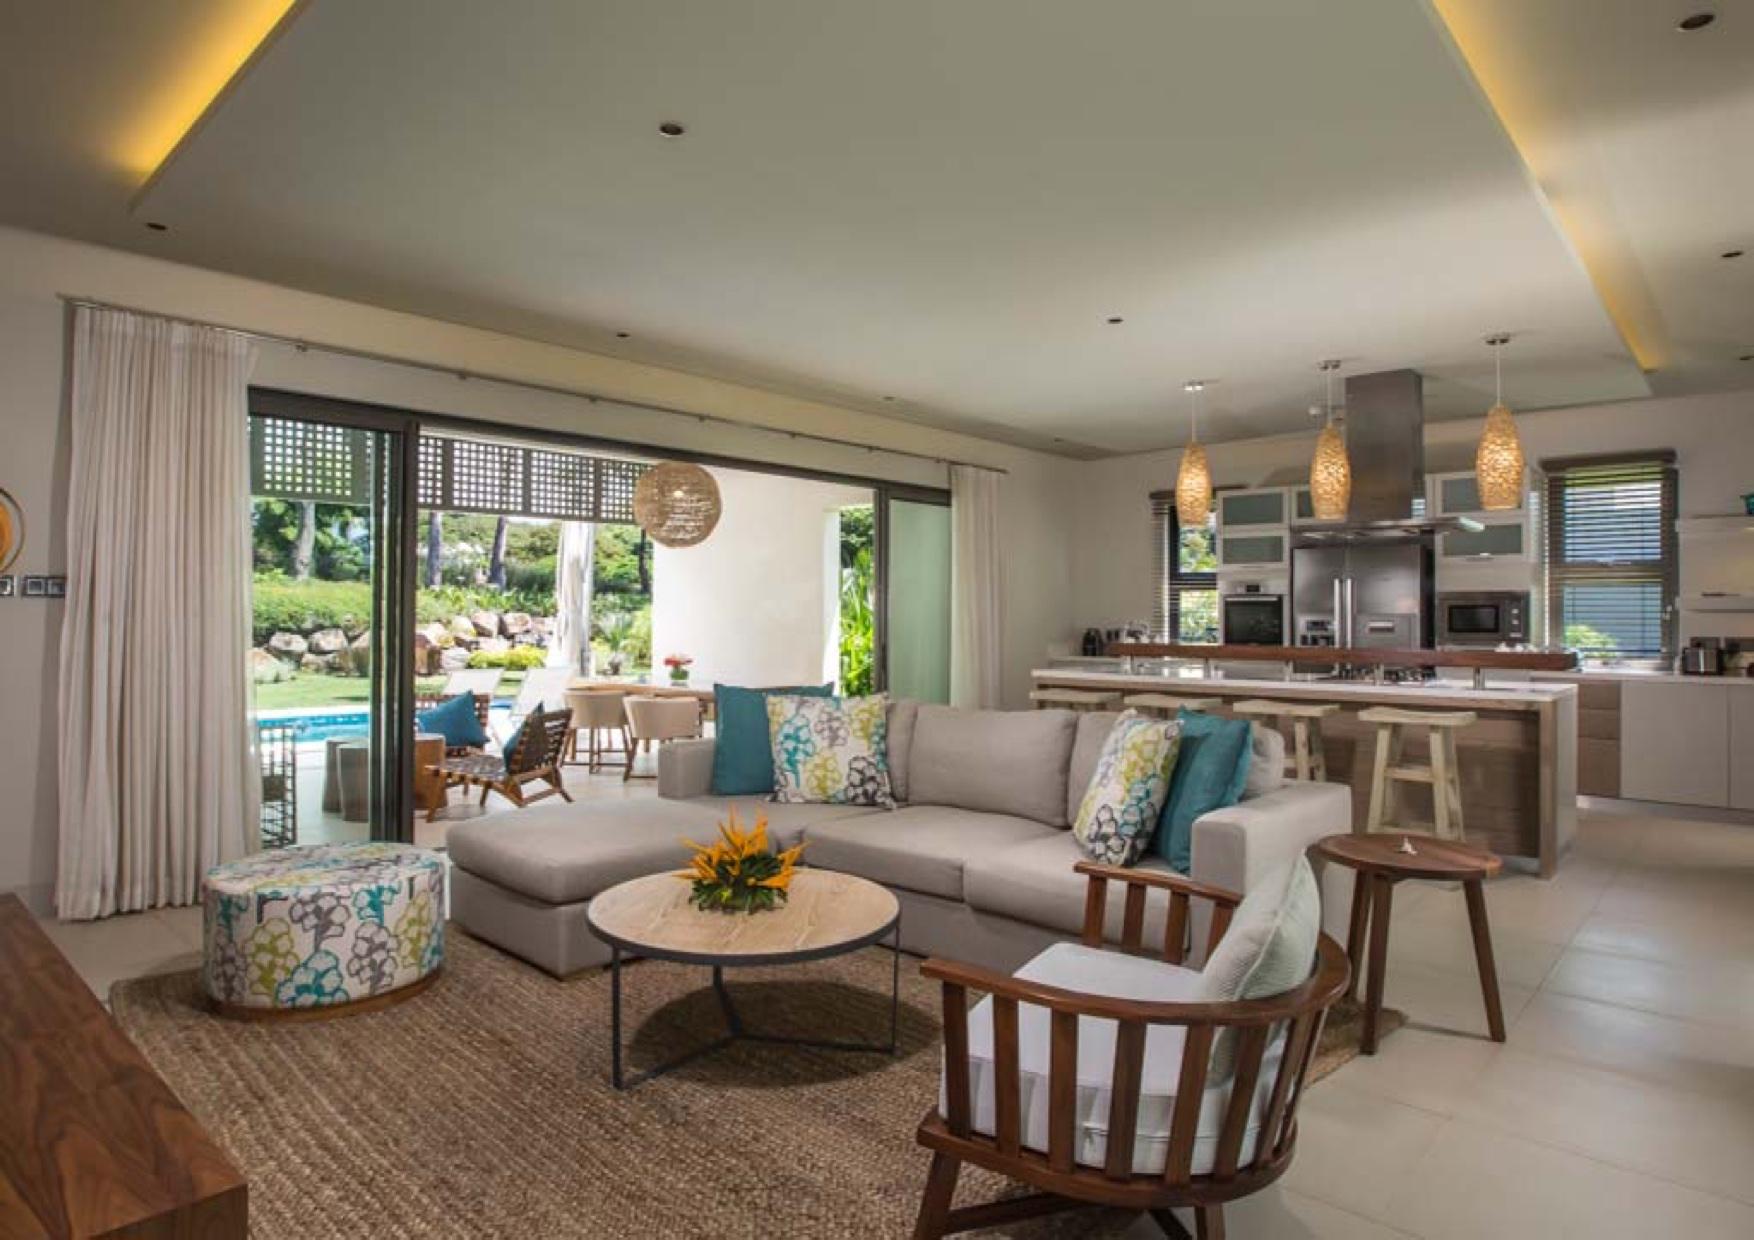 villa à vendre quartier Amalthea dans le complexe Anahita à Beau Champ